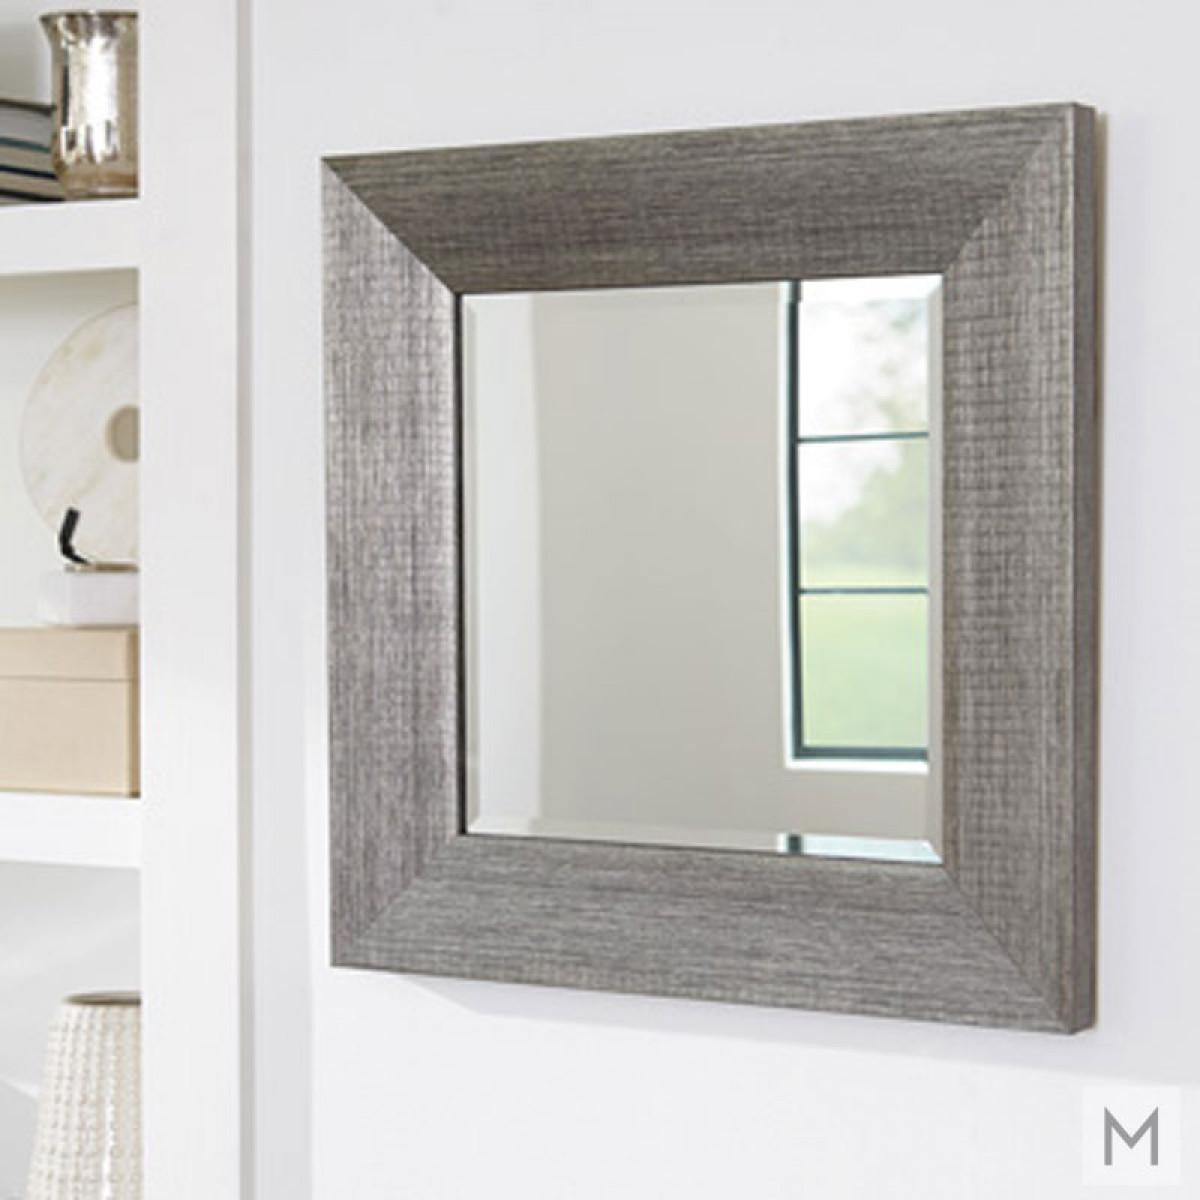 Contemporary Square Wall Mirror in Silver